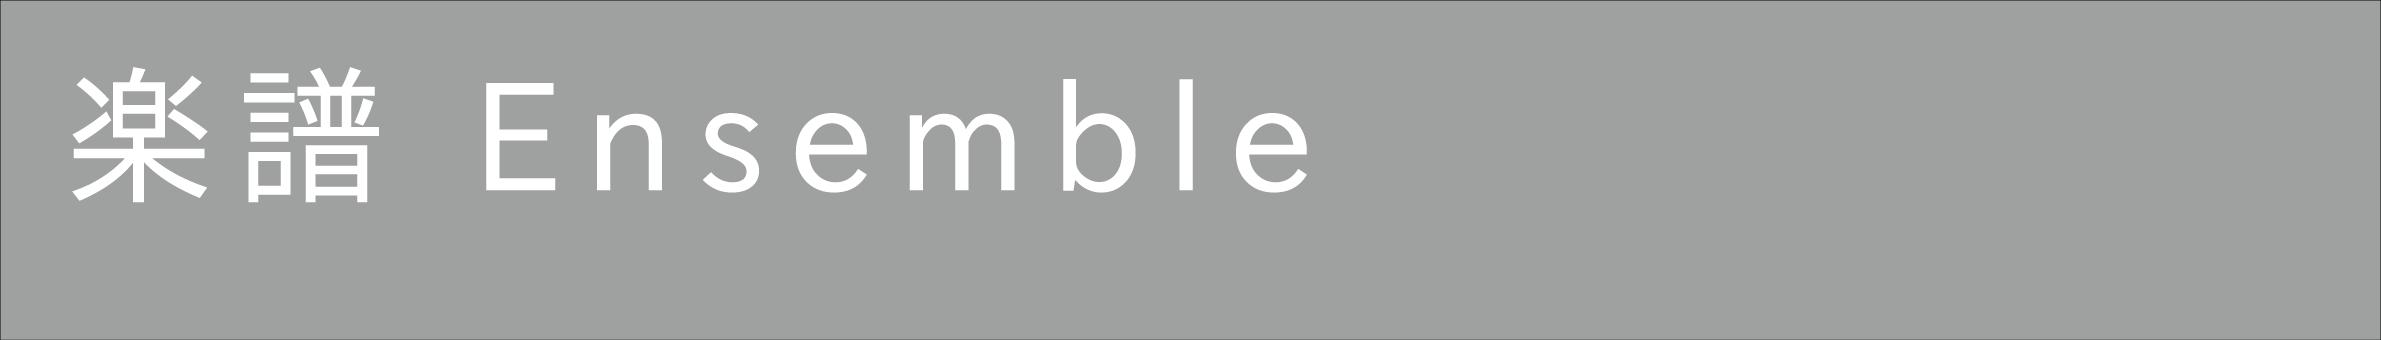 Score-Ensemble